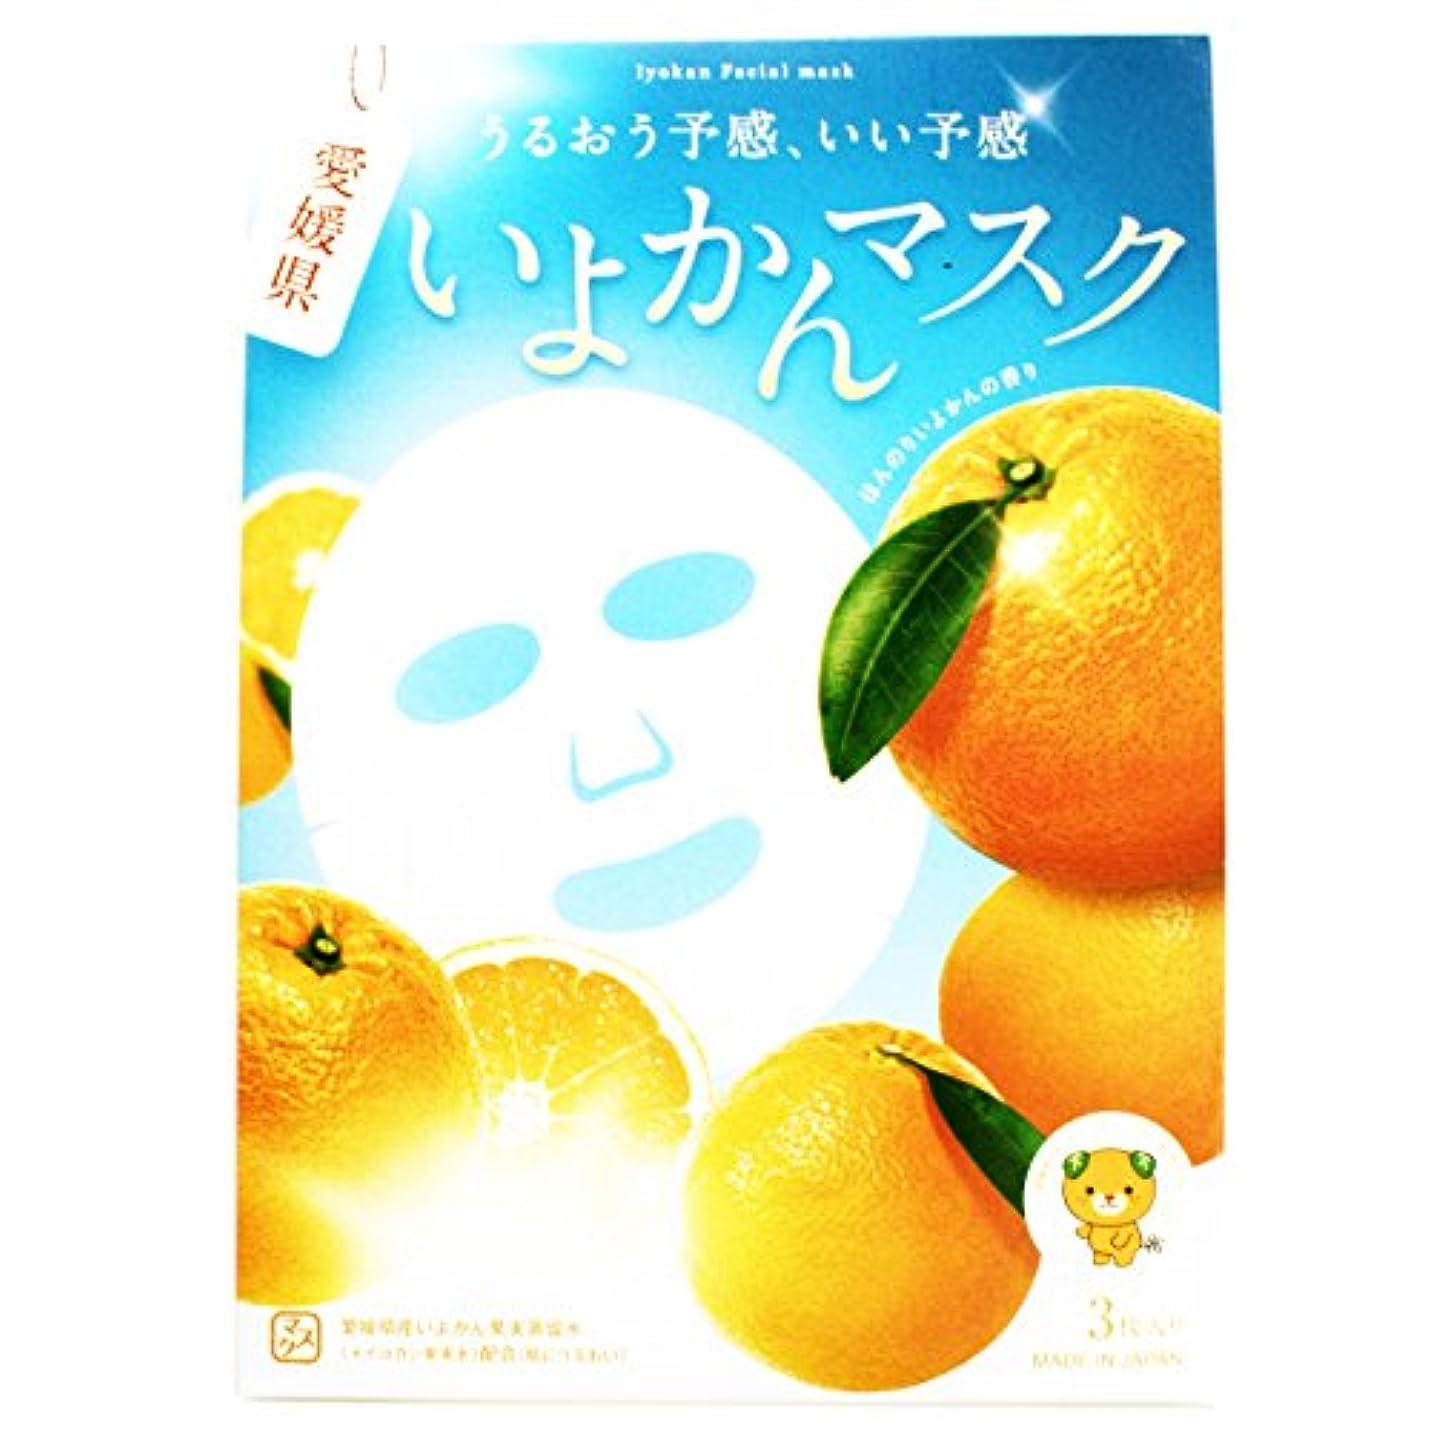 変動する小人裏切り愛媛県 いよかんマスク 3枚入り